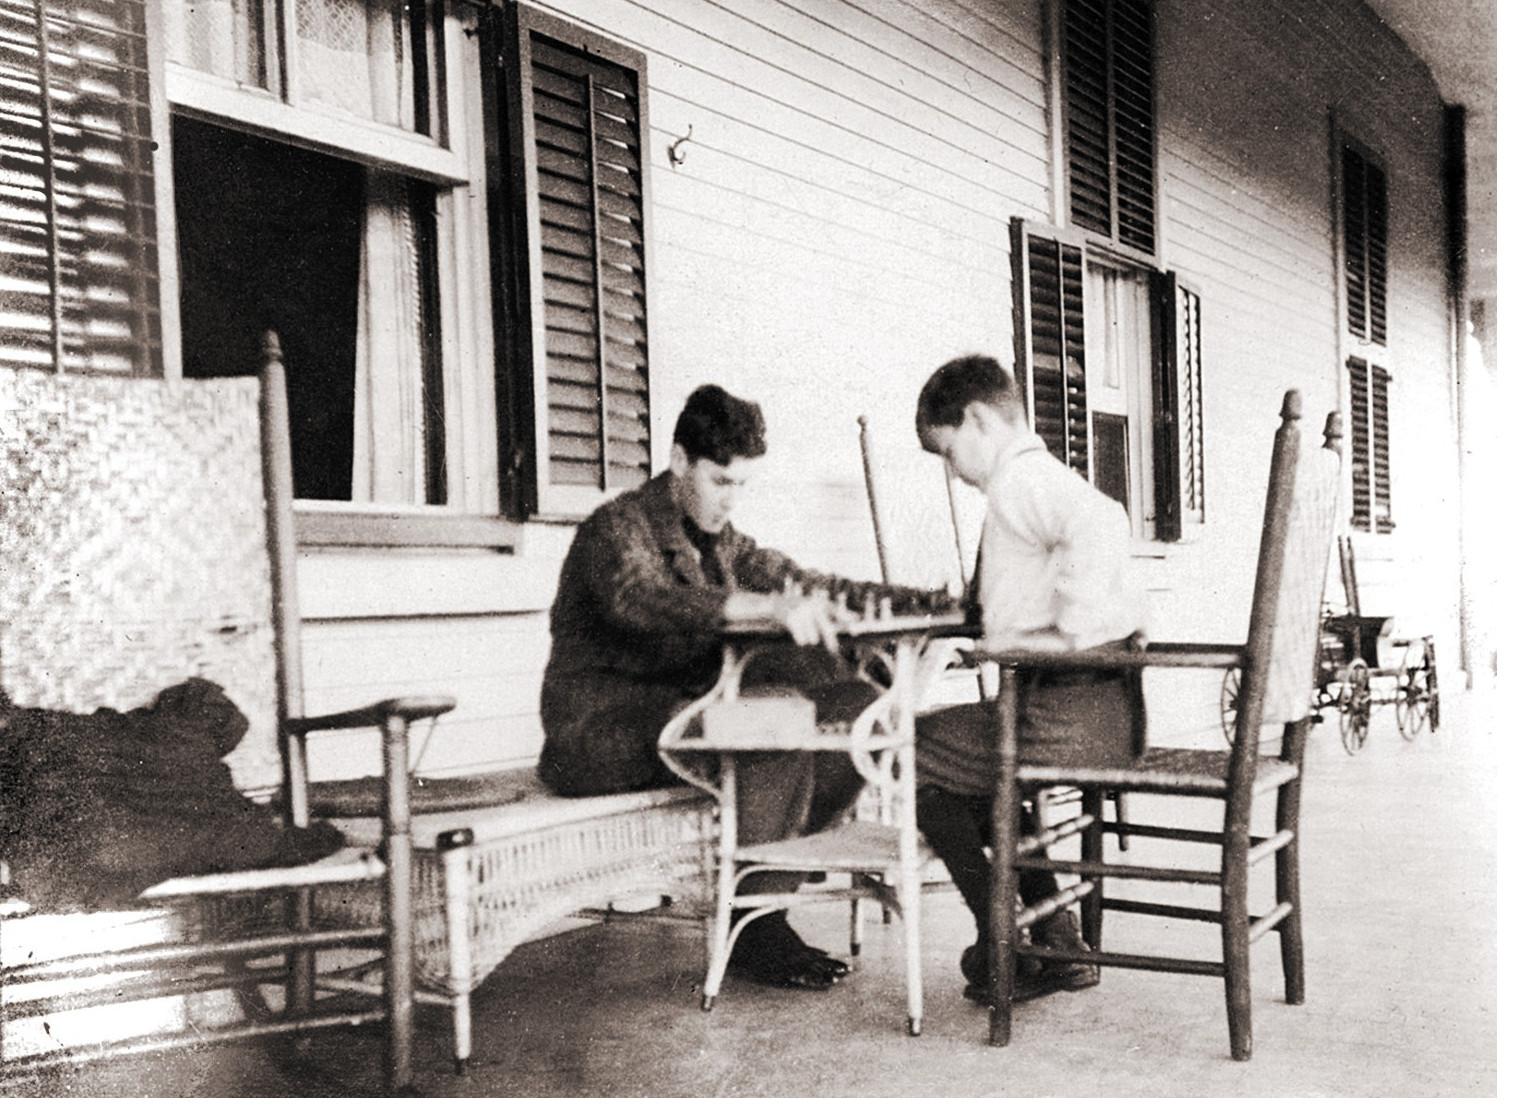 Deux jeunes adolescents bien mis jouent aux échecs sur une véranda.